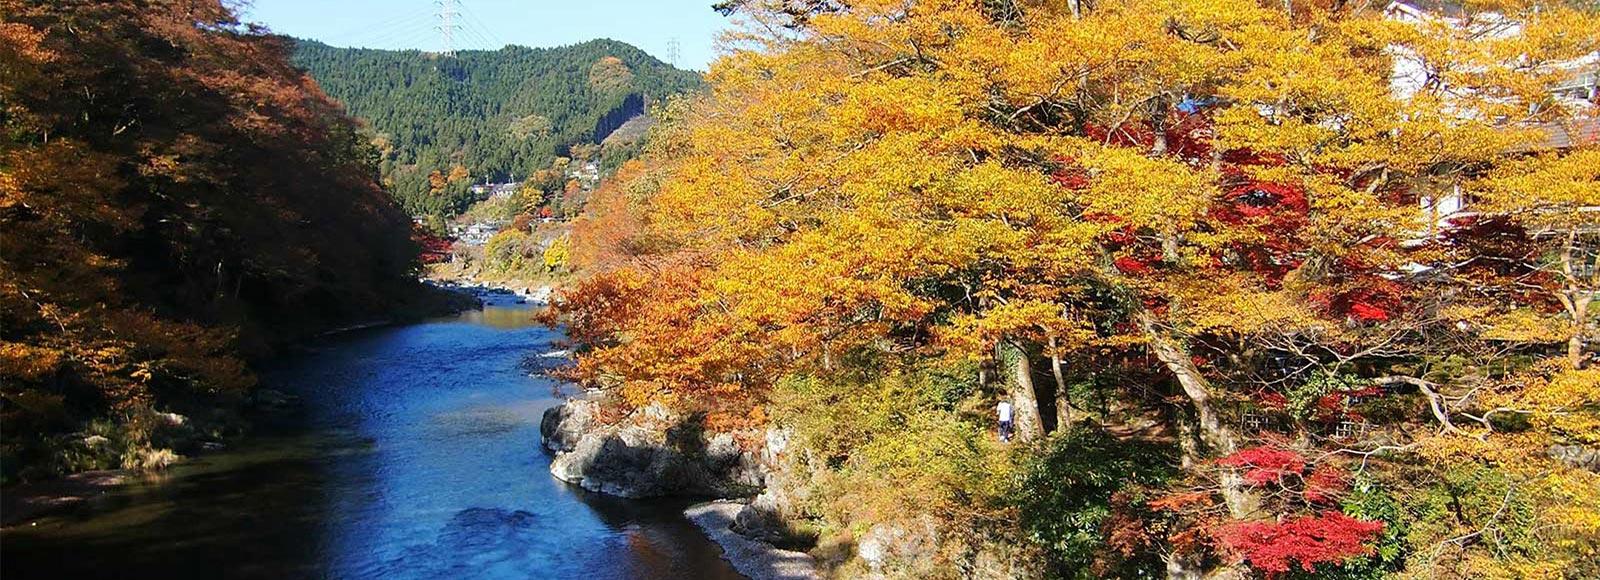 五感で秋を味わう 青梅「御岳渓谷」を歩く